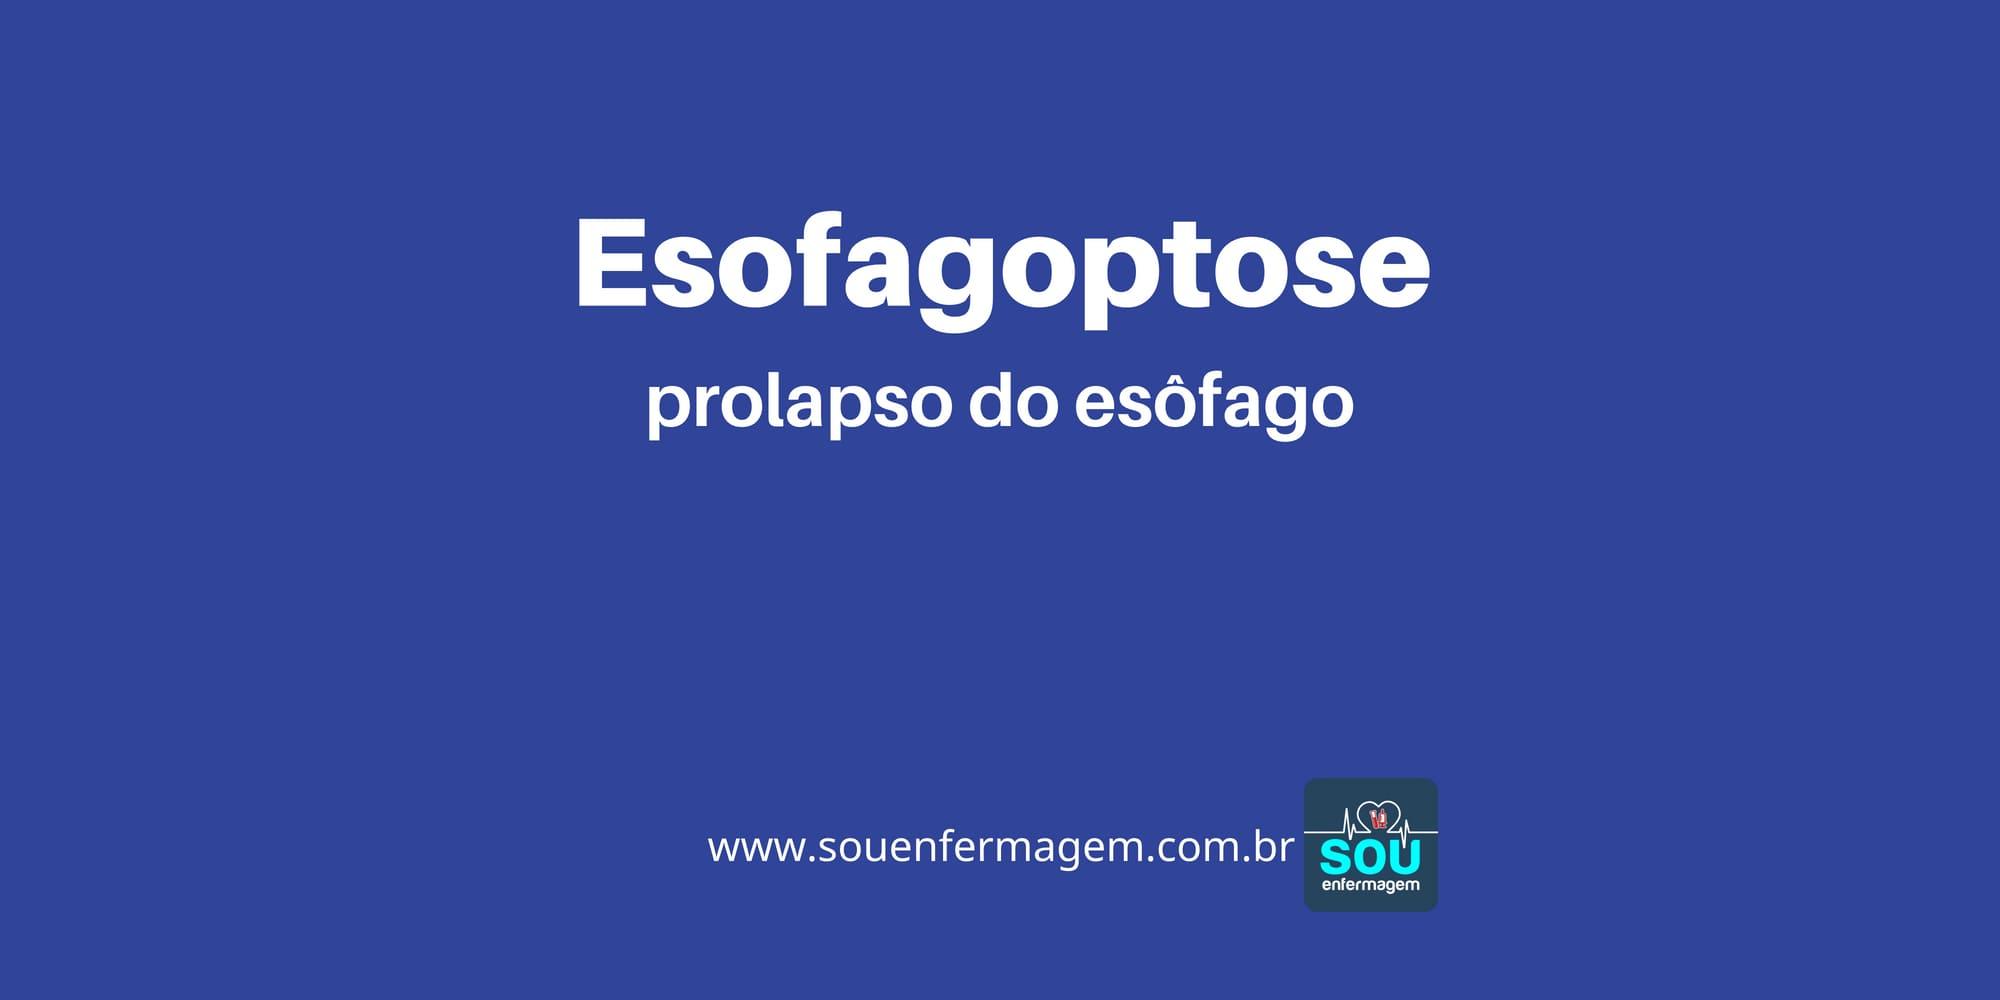 Esofagoptose